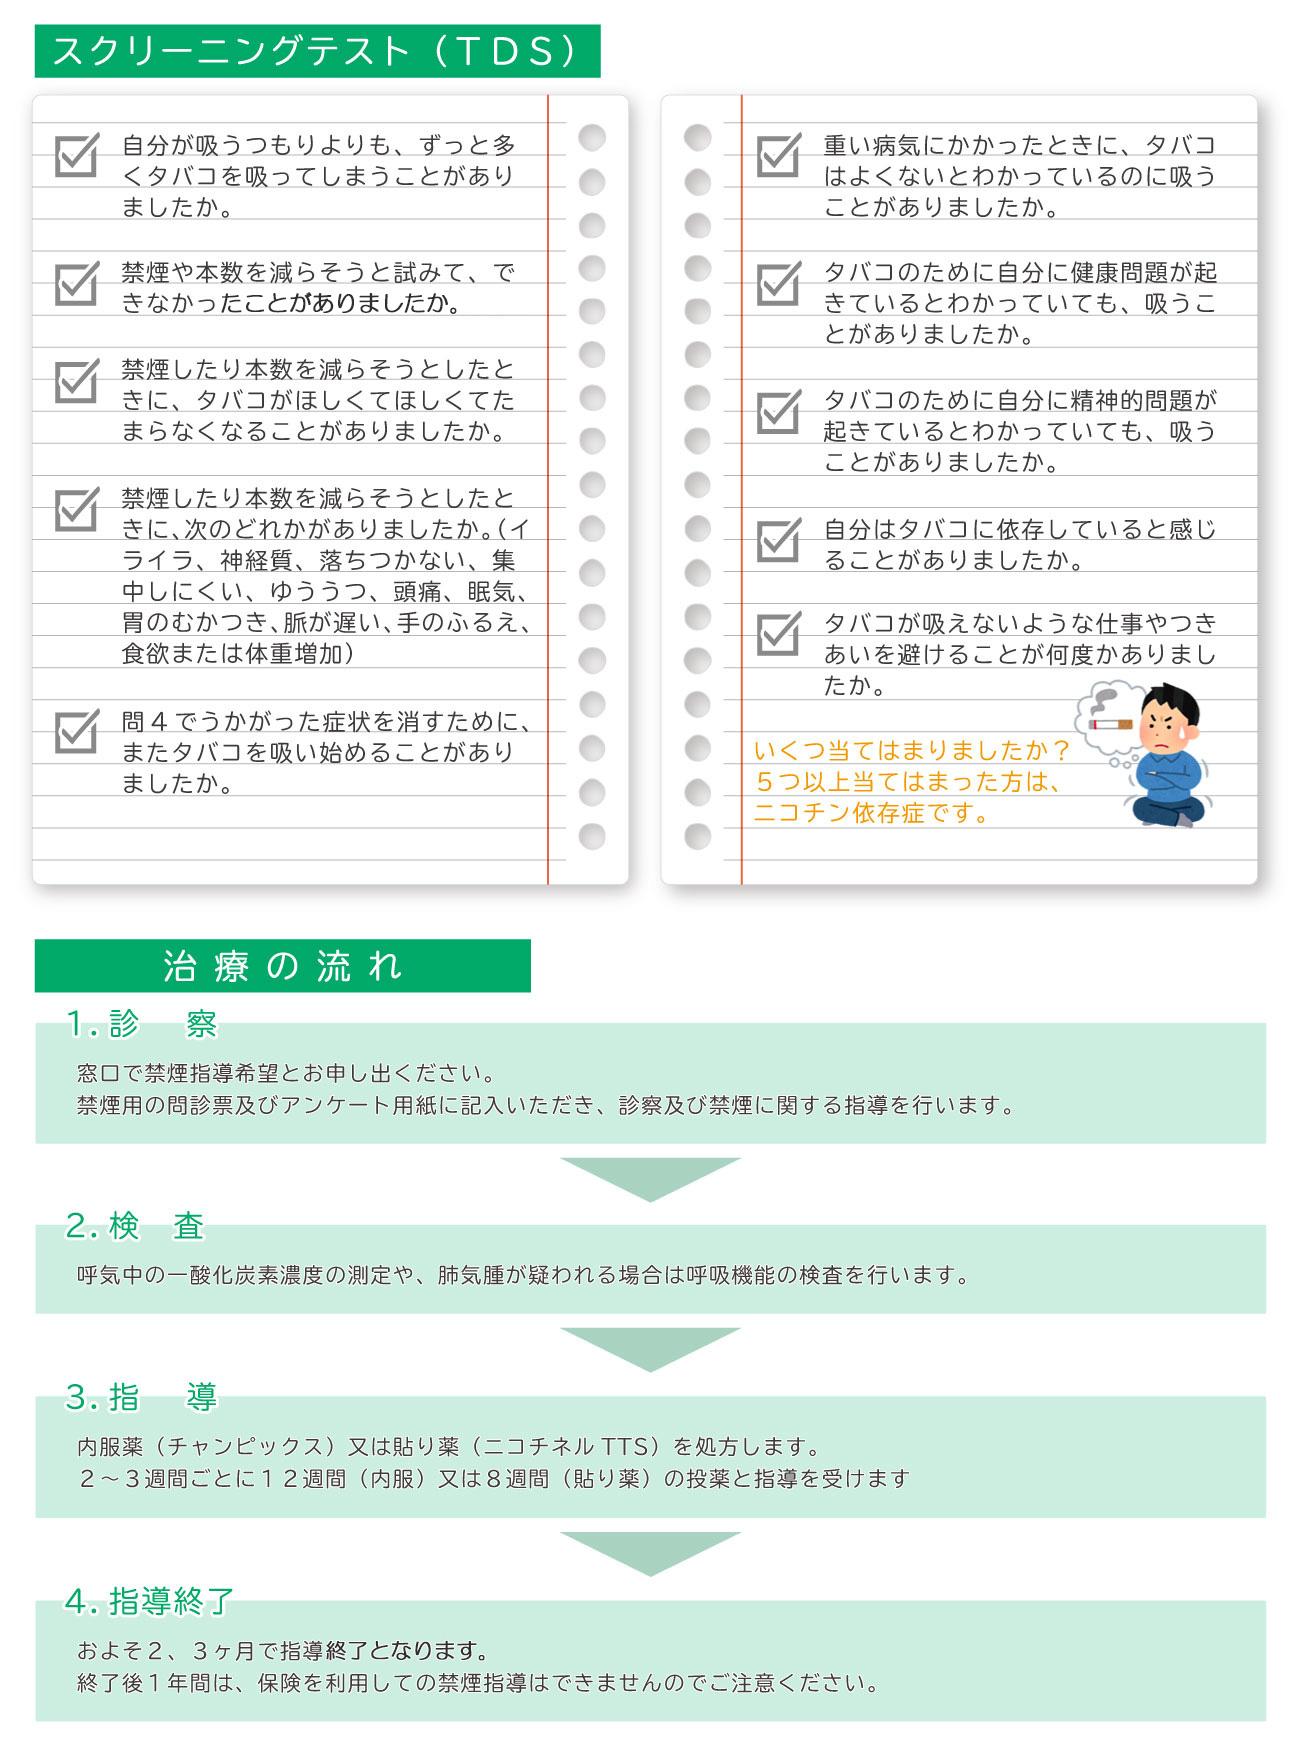 スクリーニングテスト(TDS)